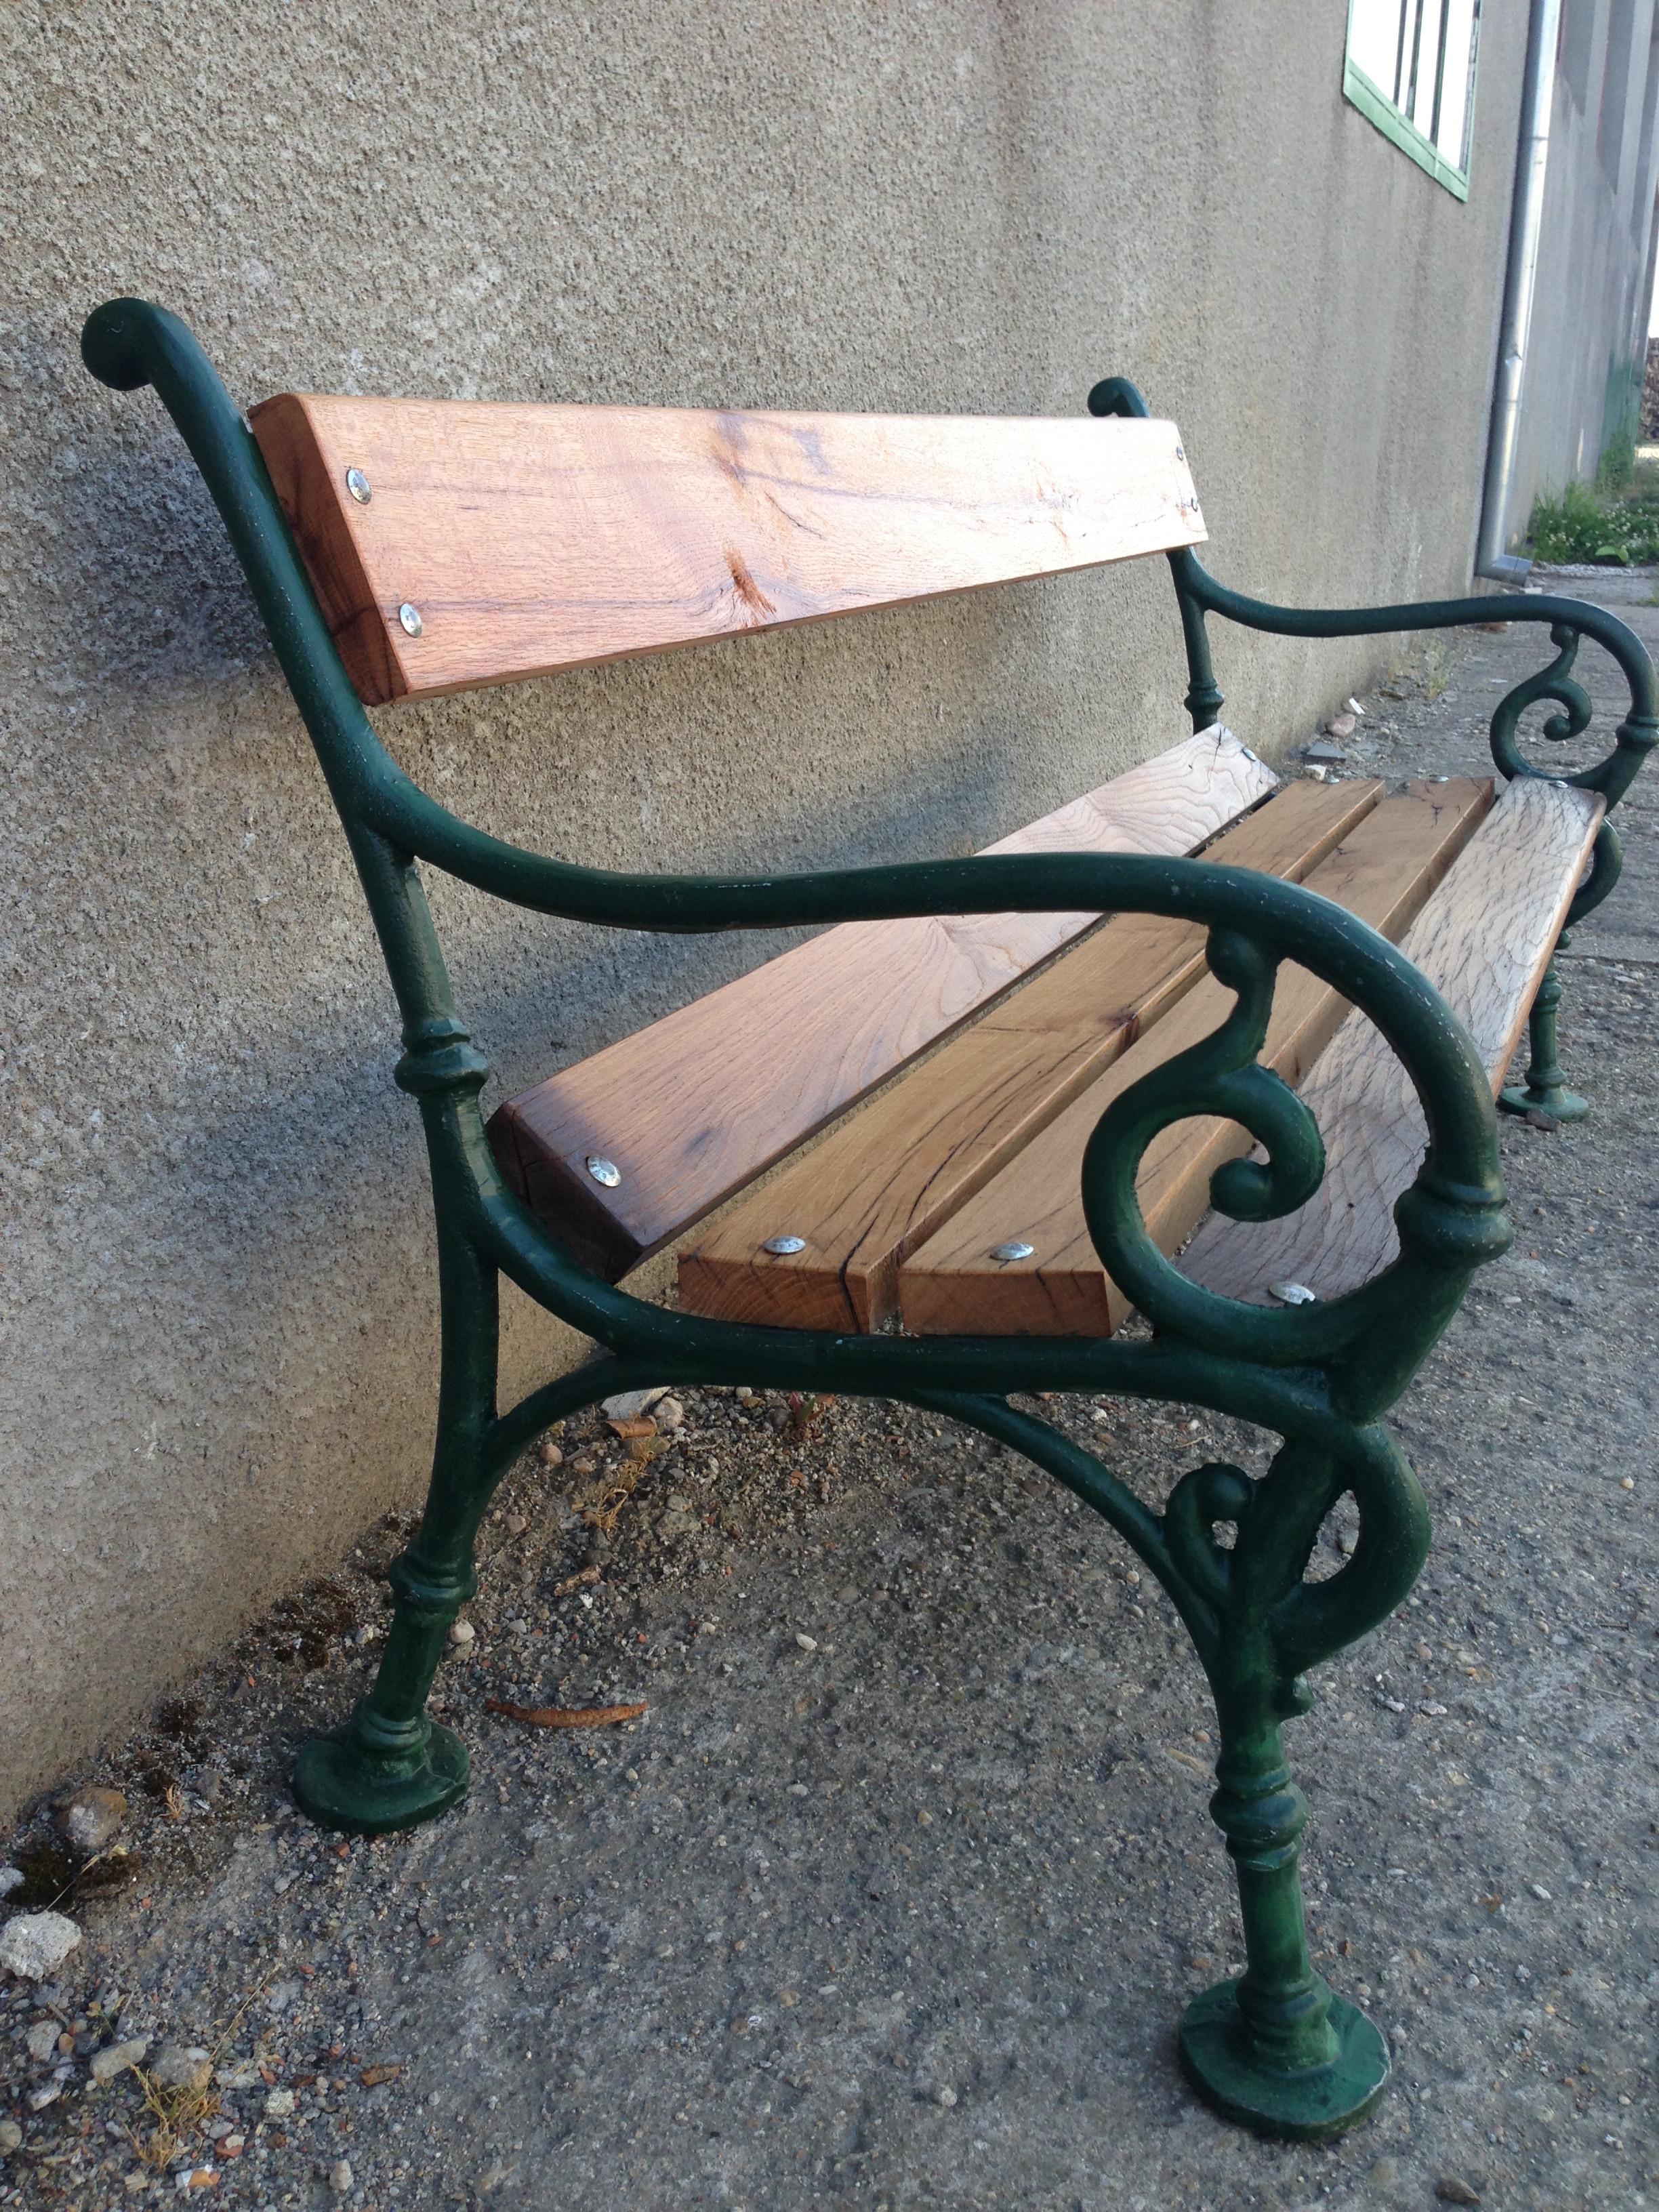 Banc De Jardin Ancien Les Vieilles Choses